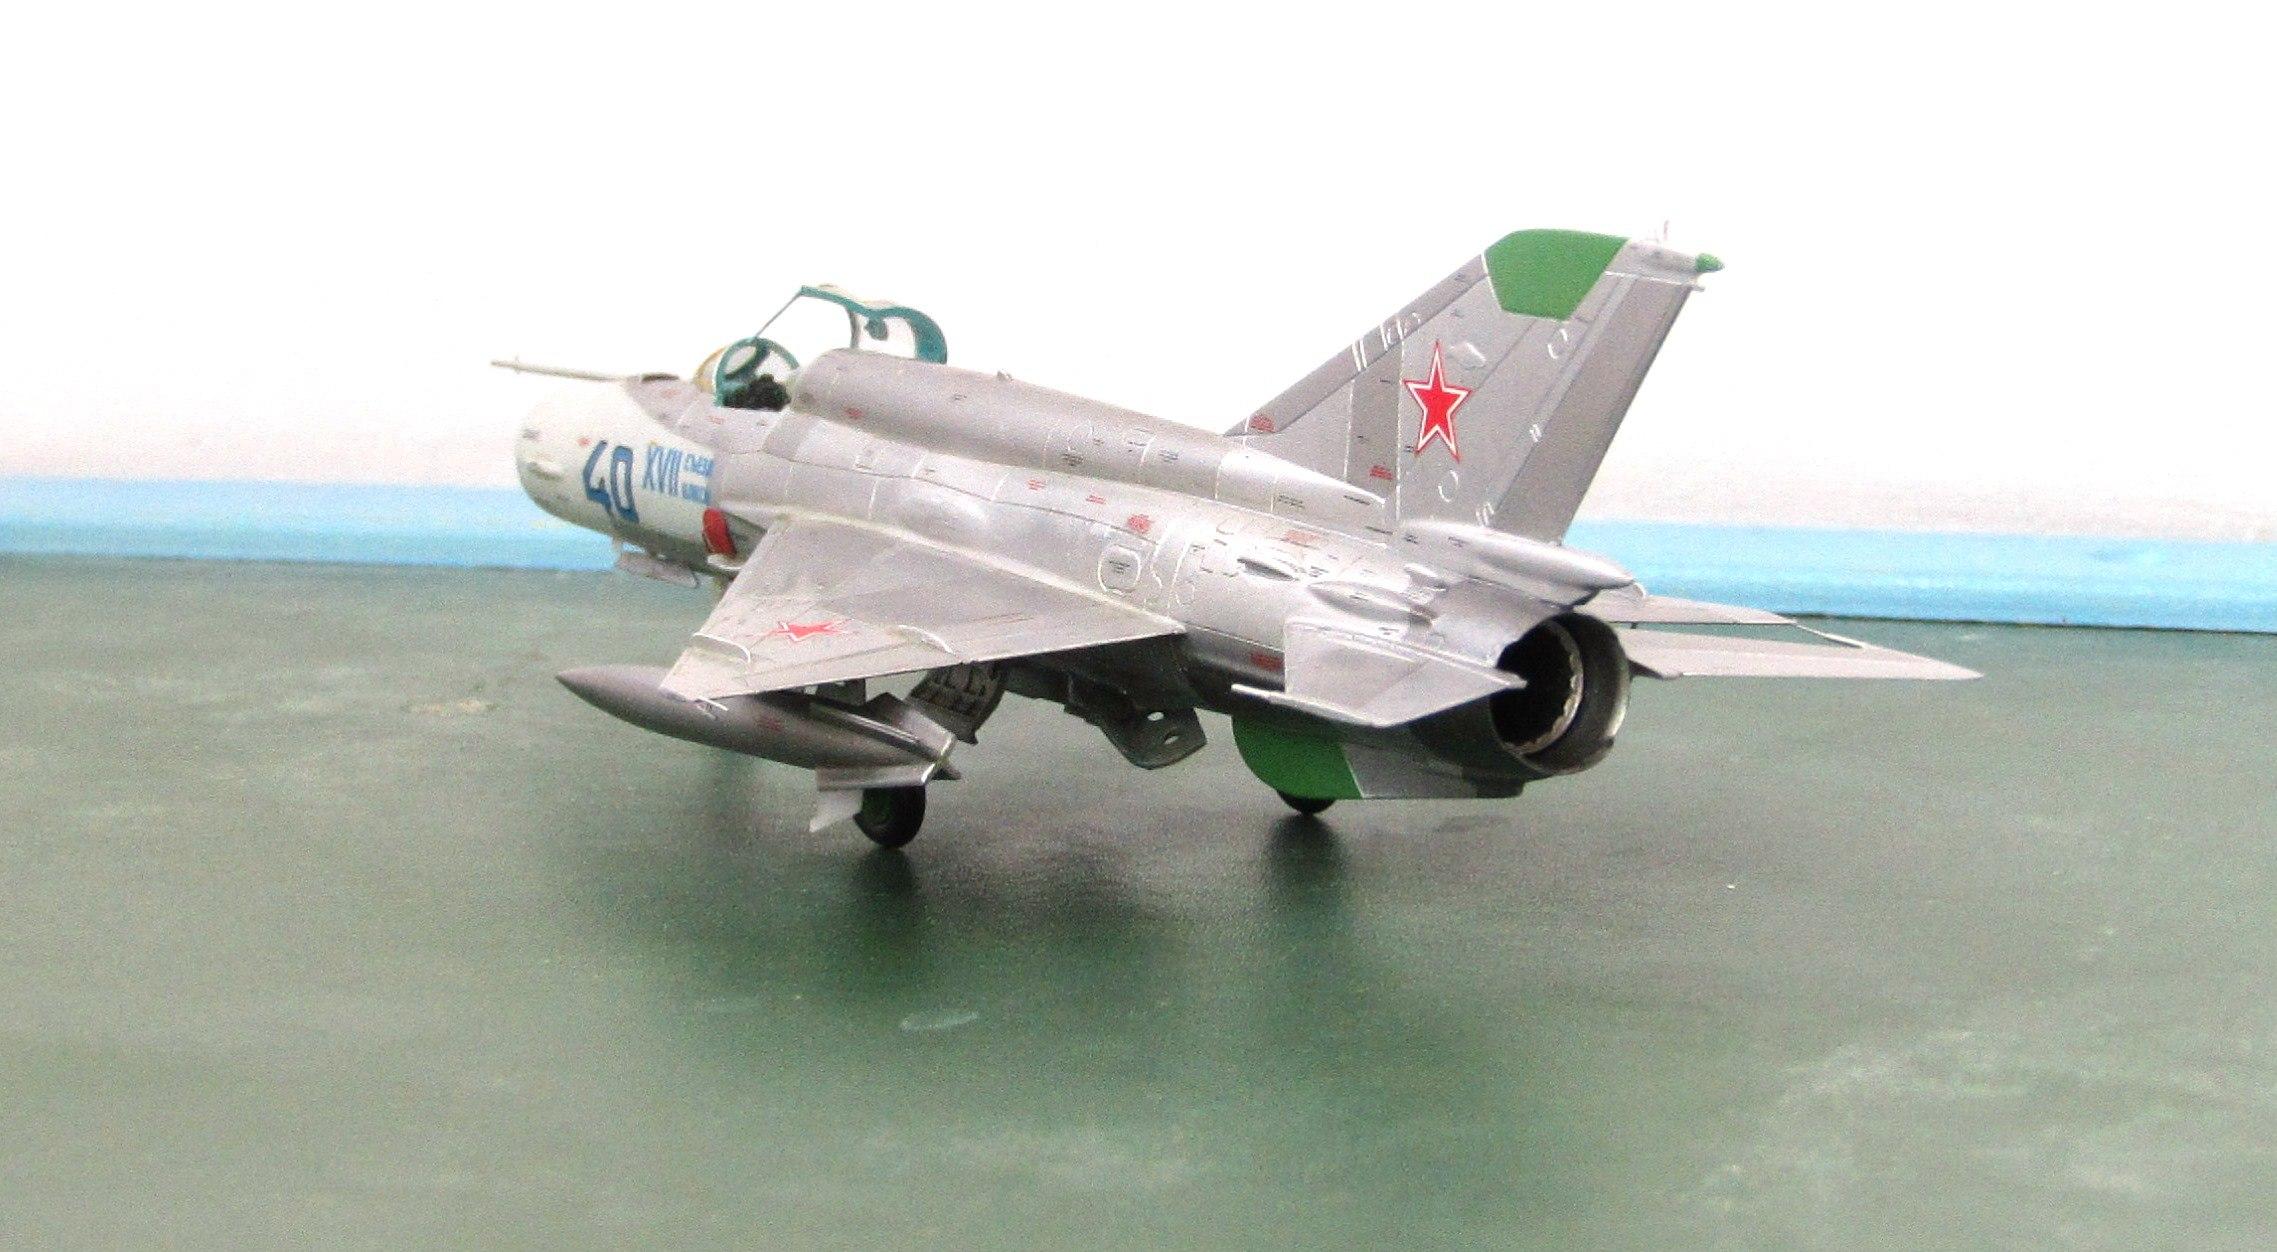 МиГ-21БИС 1/72 (Звезда) BtTr7uSvoqA